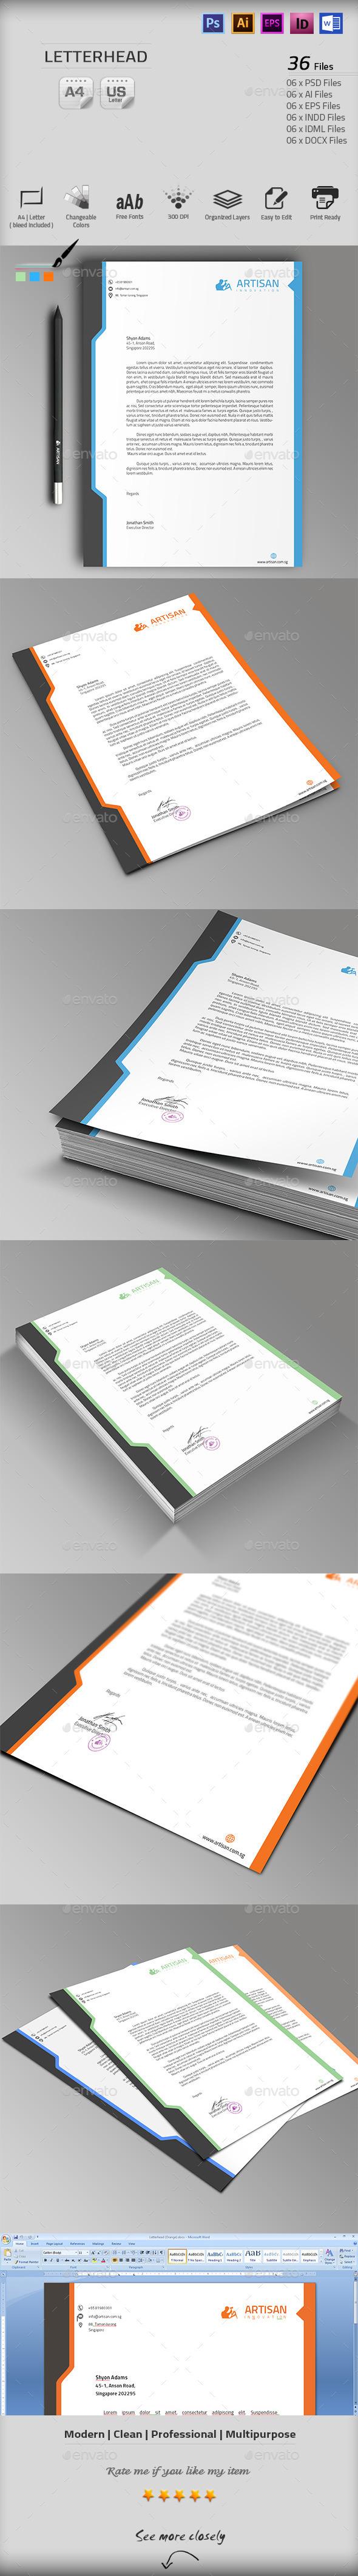 GraphicRiver Letterhead 10103265